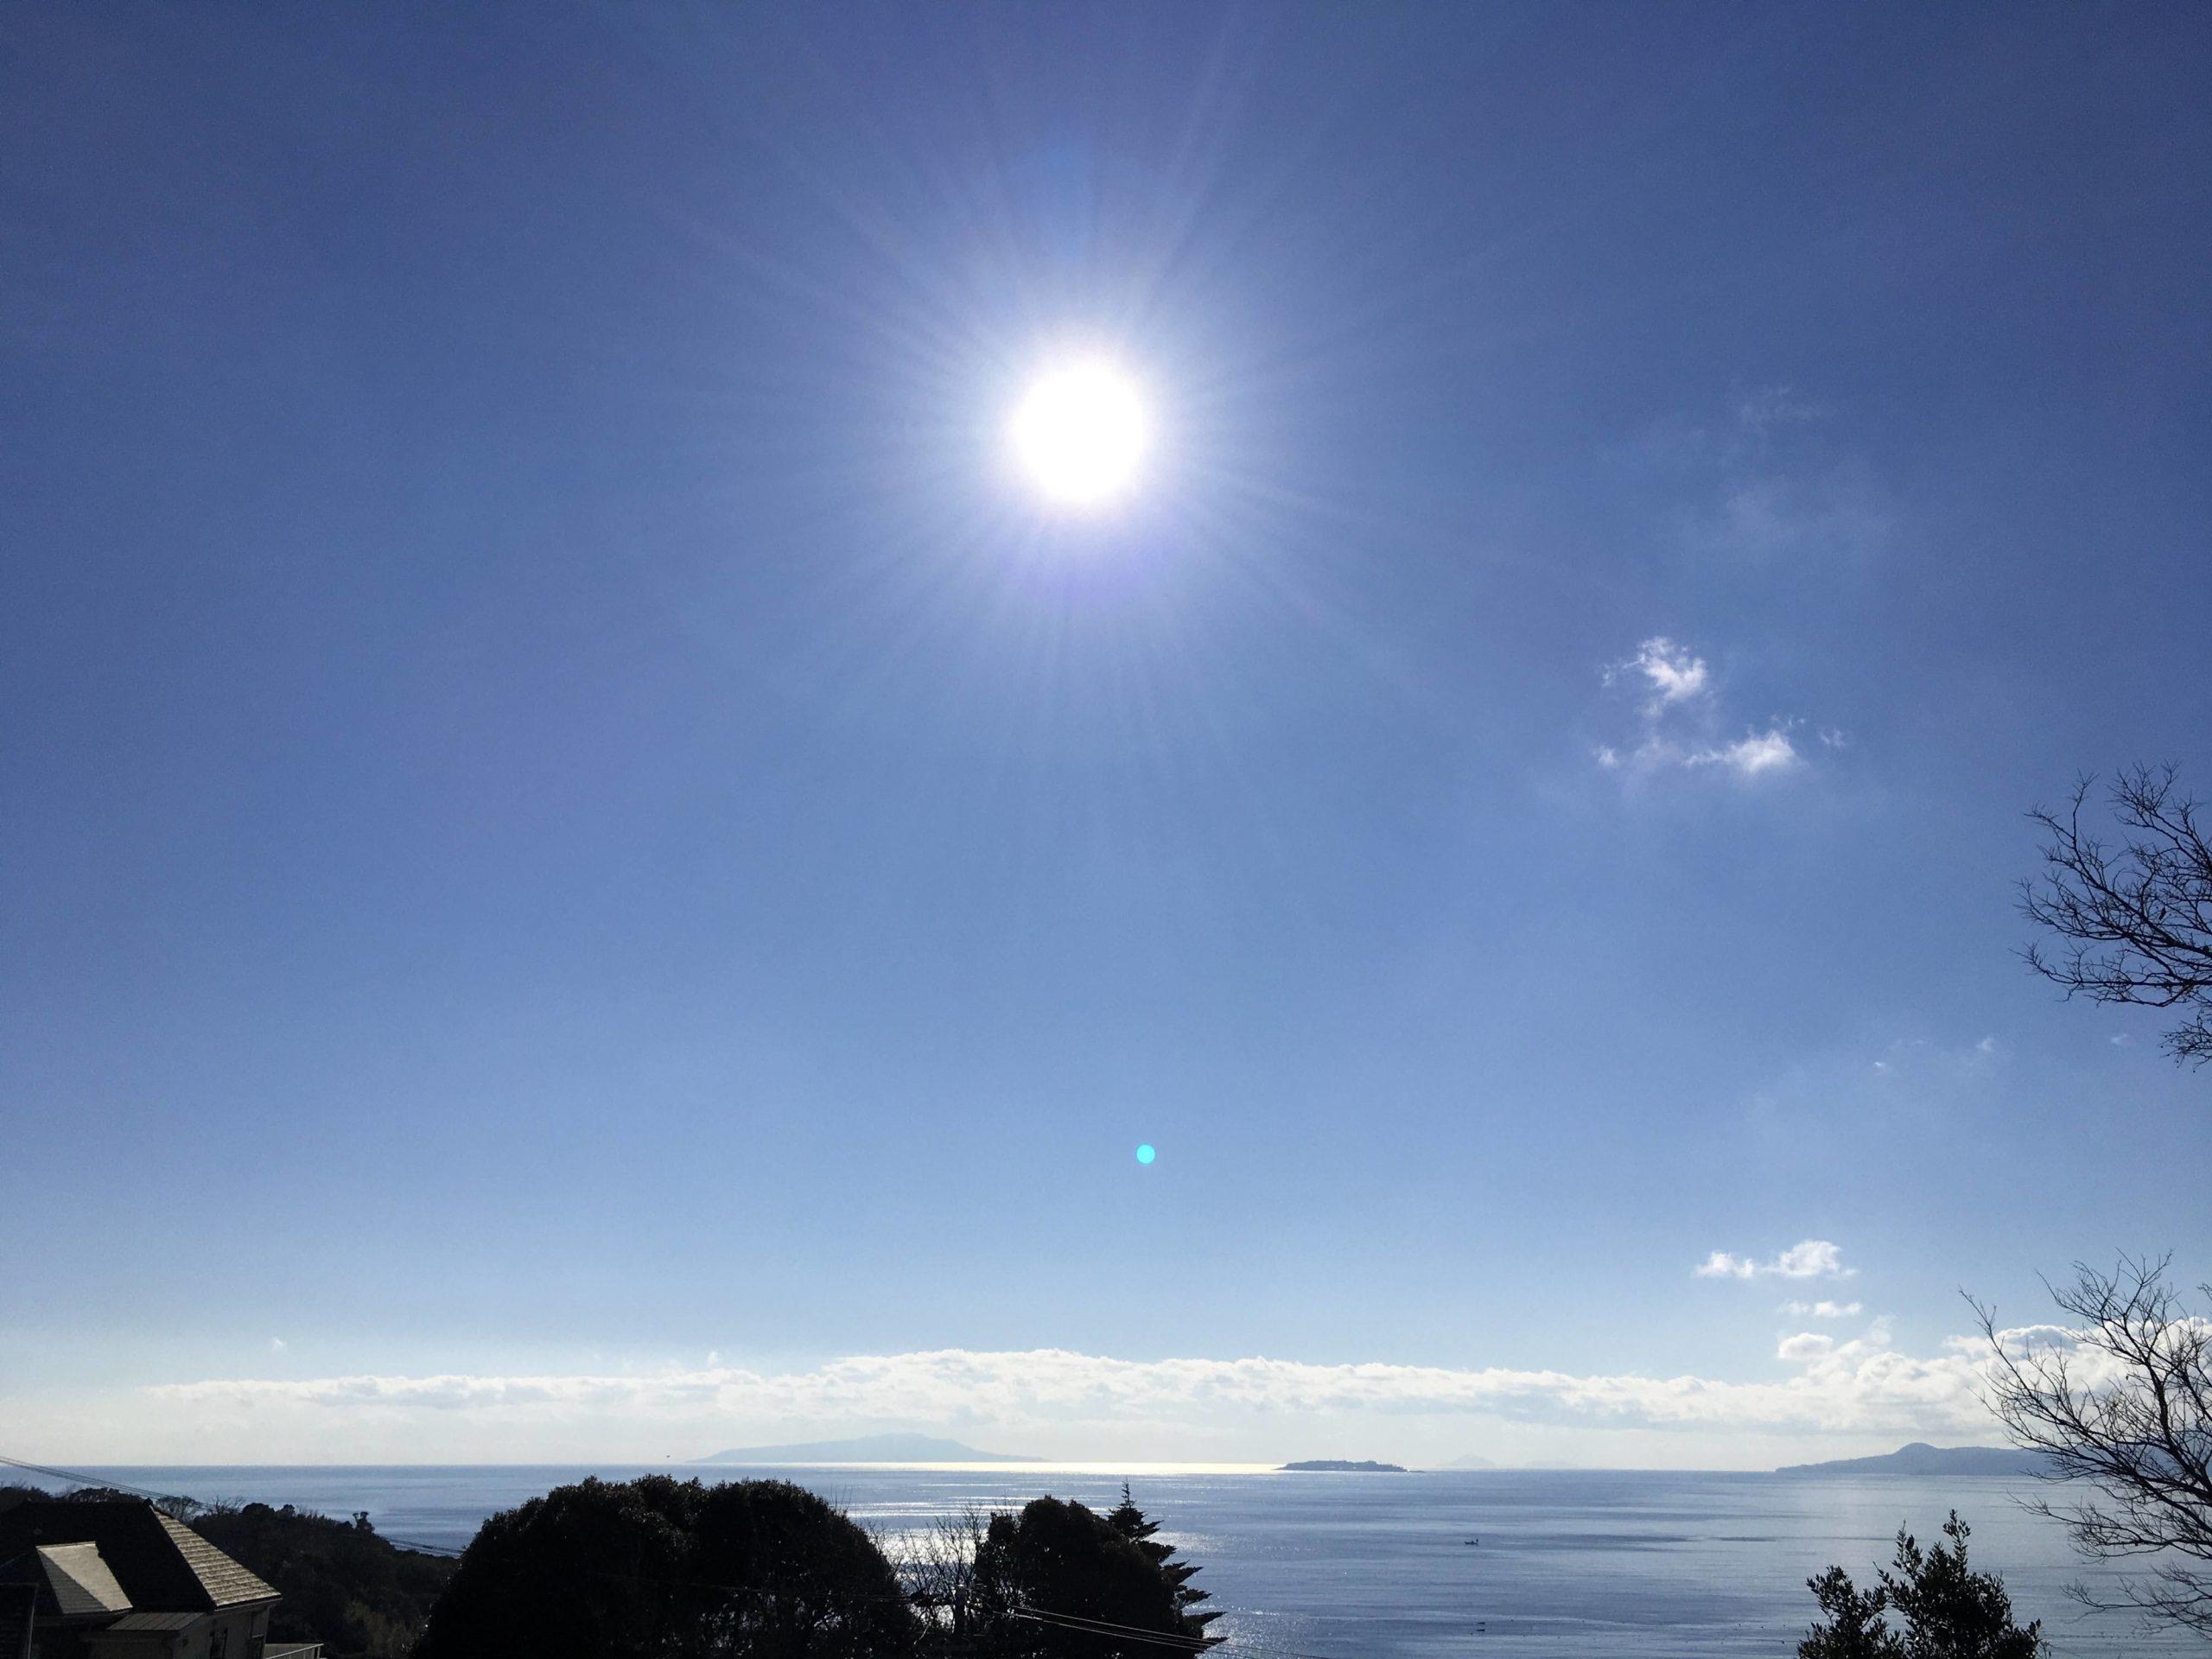 雲の上には、お日様が。ハートの奥には、・・・♡。